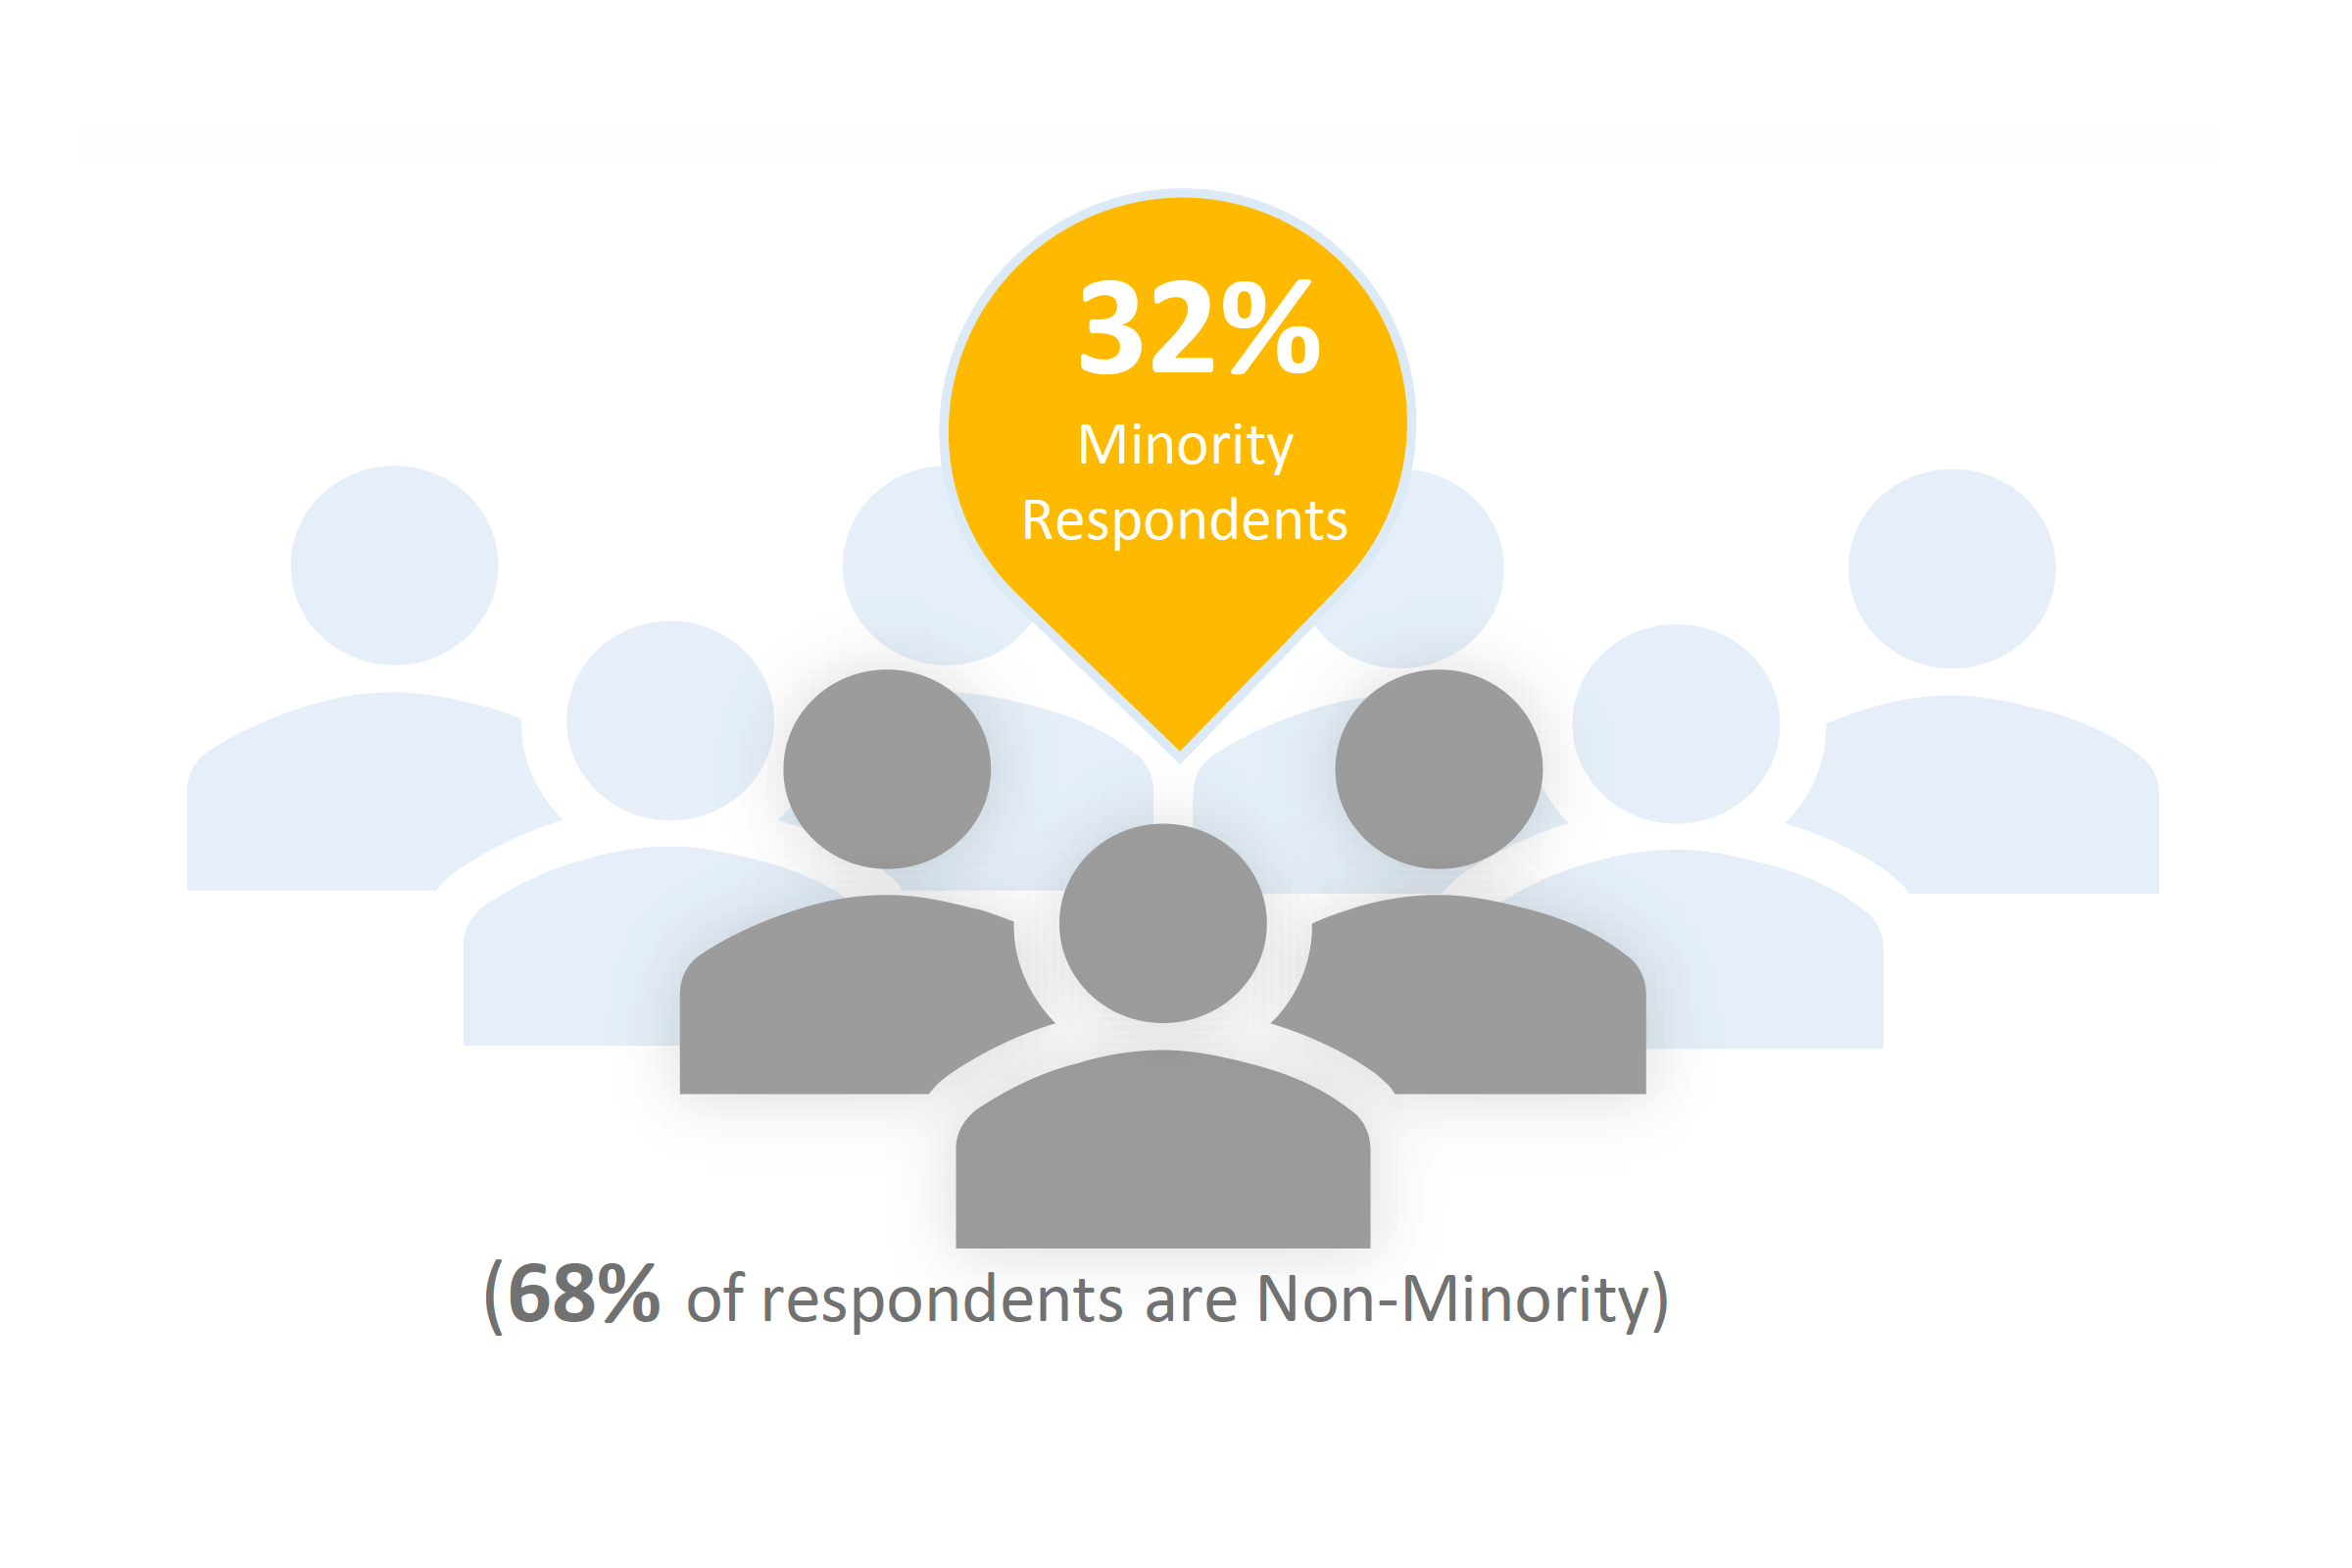 32 percent minority respondents graphic